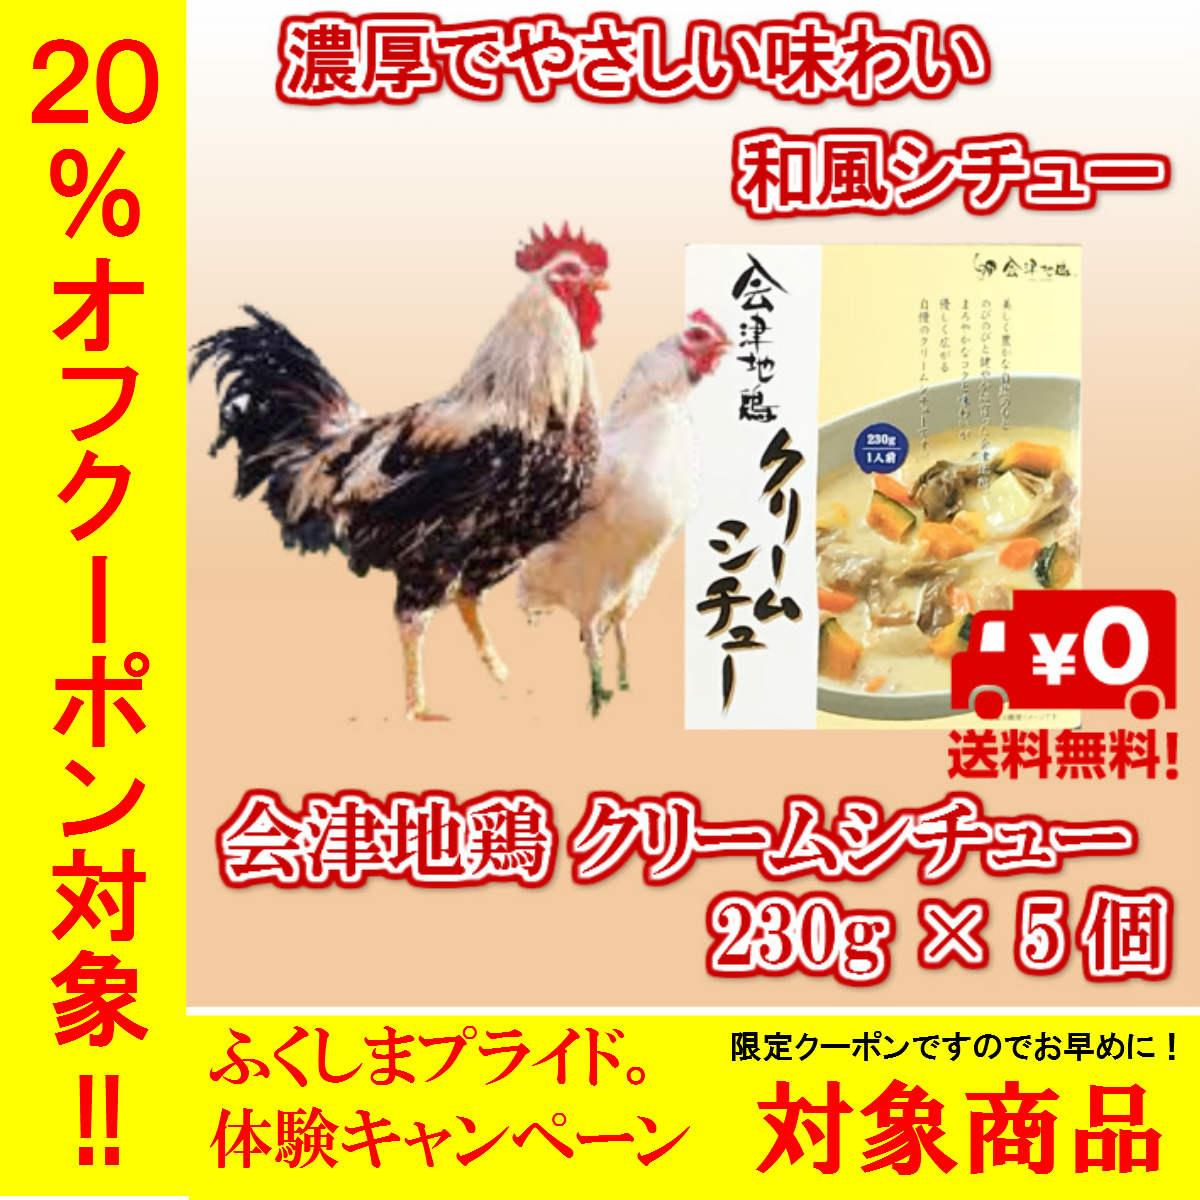 会津地鶏 クリームシチュー レトルト ルー 詰合せ 会津地鶏ネット 送料無料 230g x 5個 ふくしまプライド